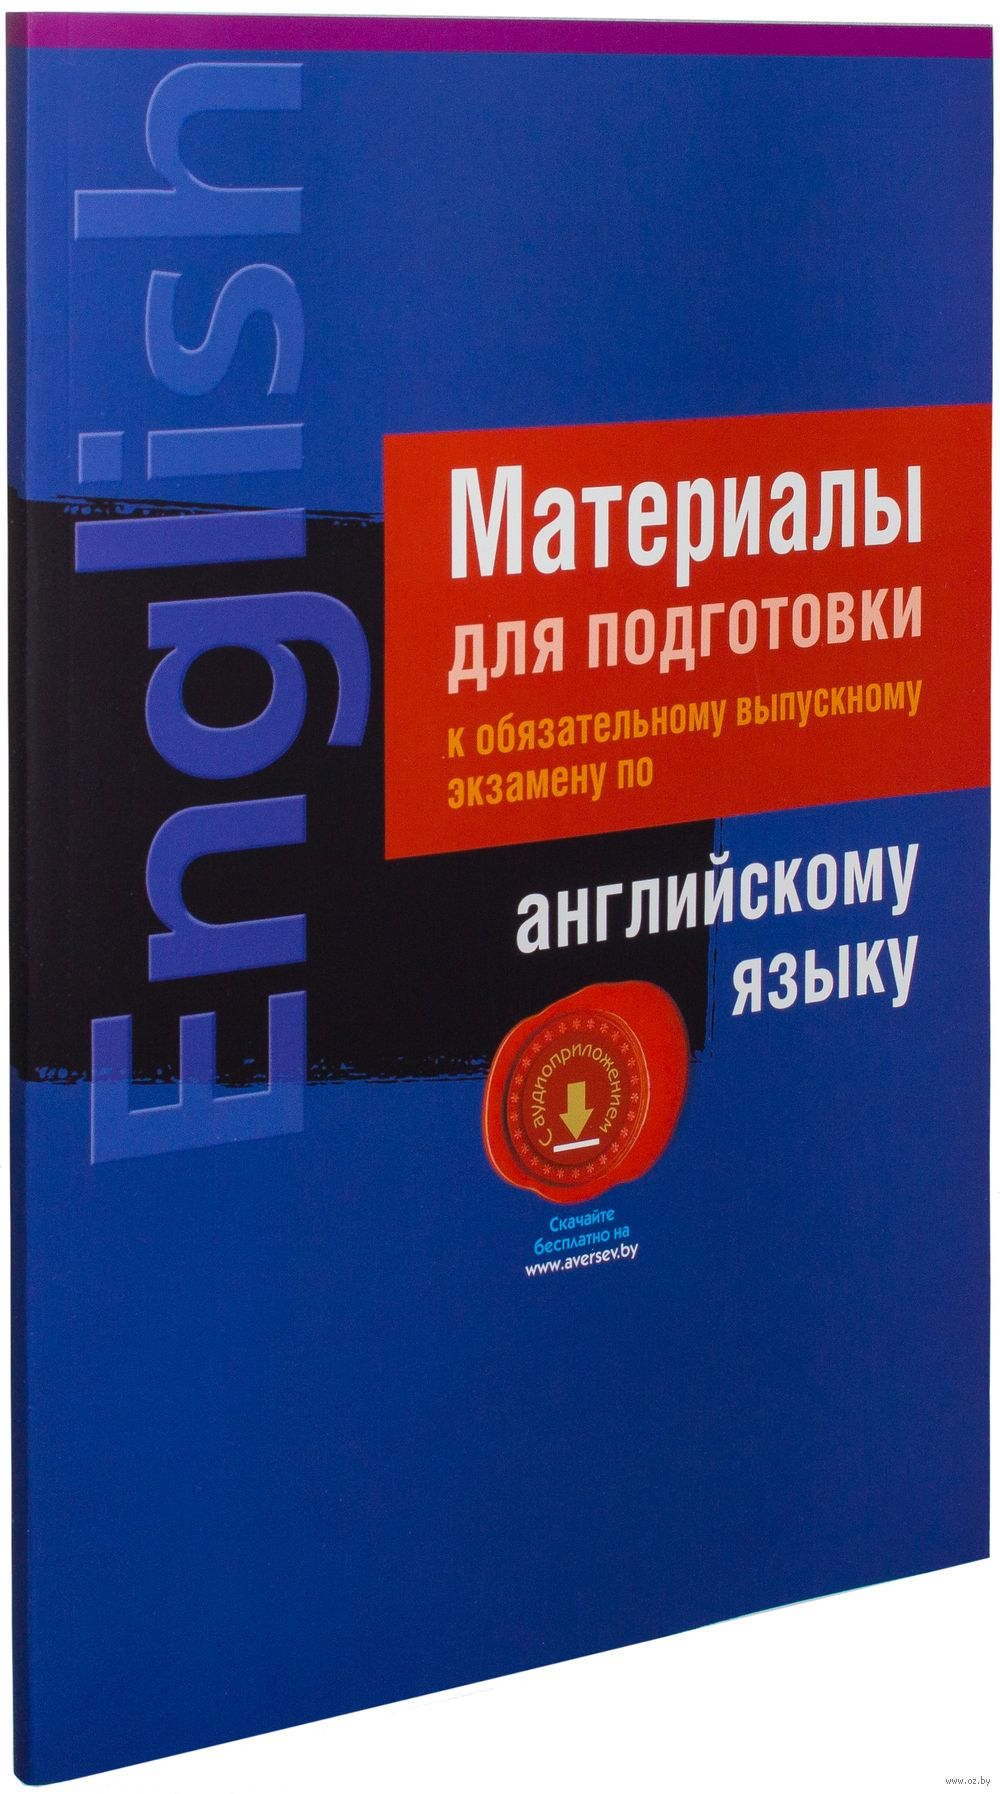 Английский Язык Материалы Для Подготовки К Выпускному Экзамену Решебник